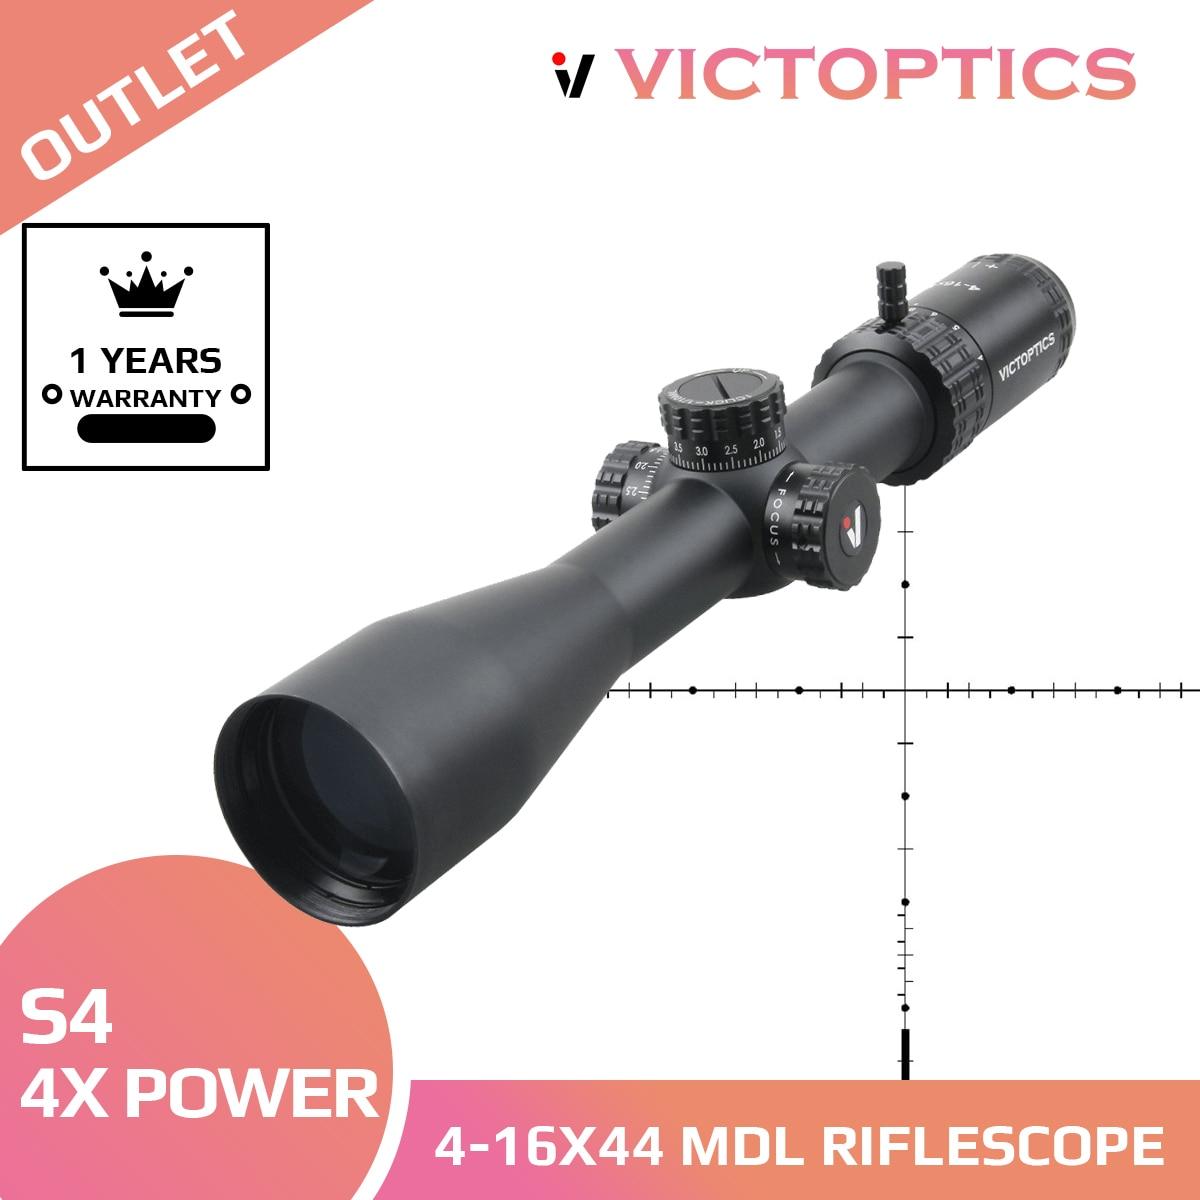 منظار بندقية تكتيكية من VictOptics S4 4-16X44 MDL Airsoft للصيد بنطاقات معلقة من الزجاج المحفور لـ. 223 5.56 AR15